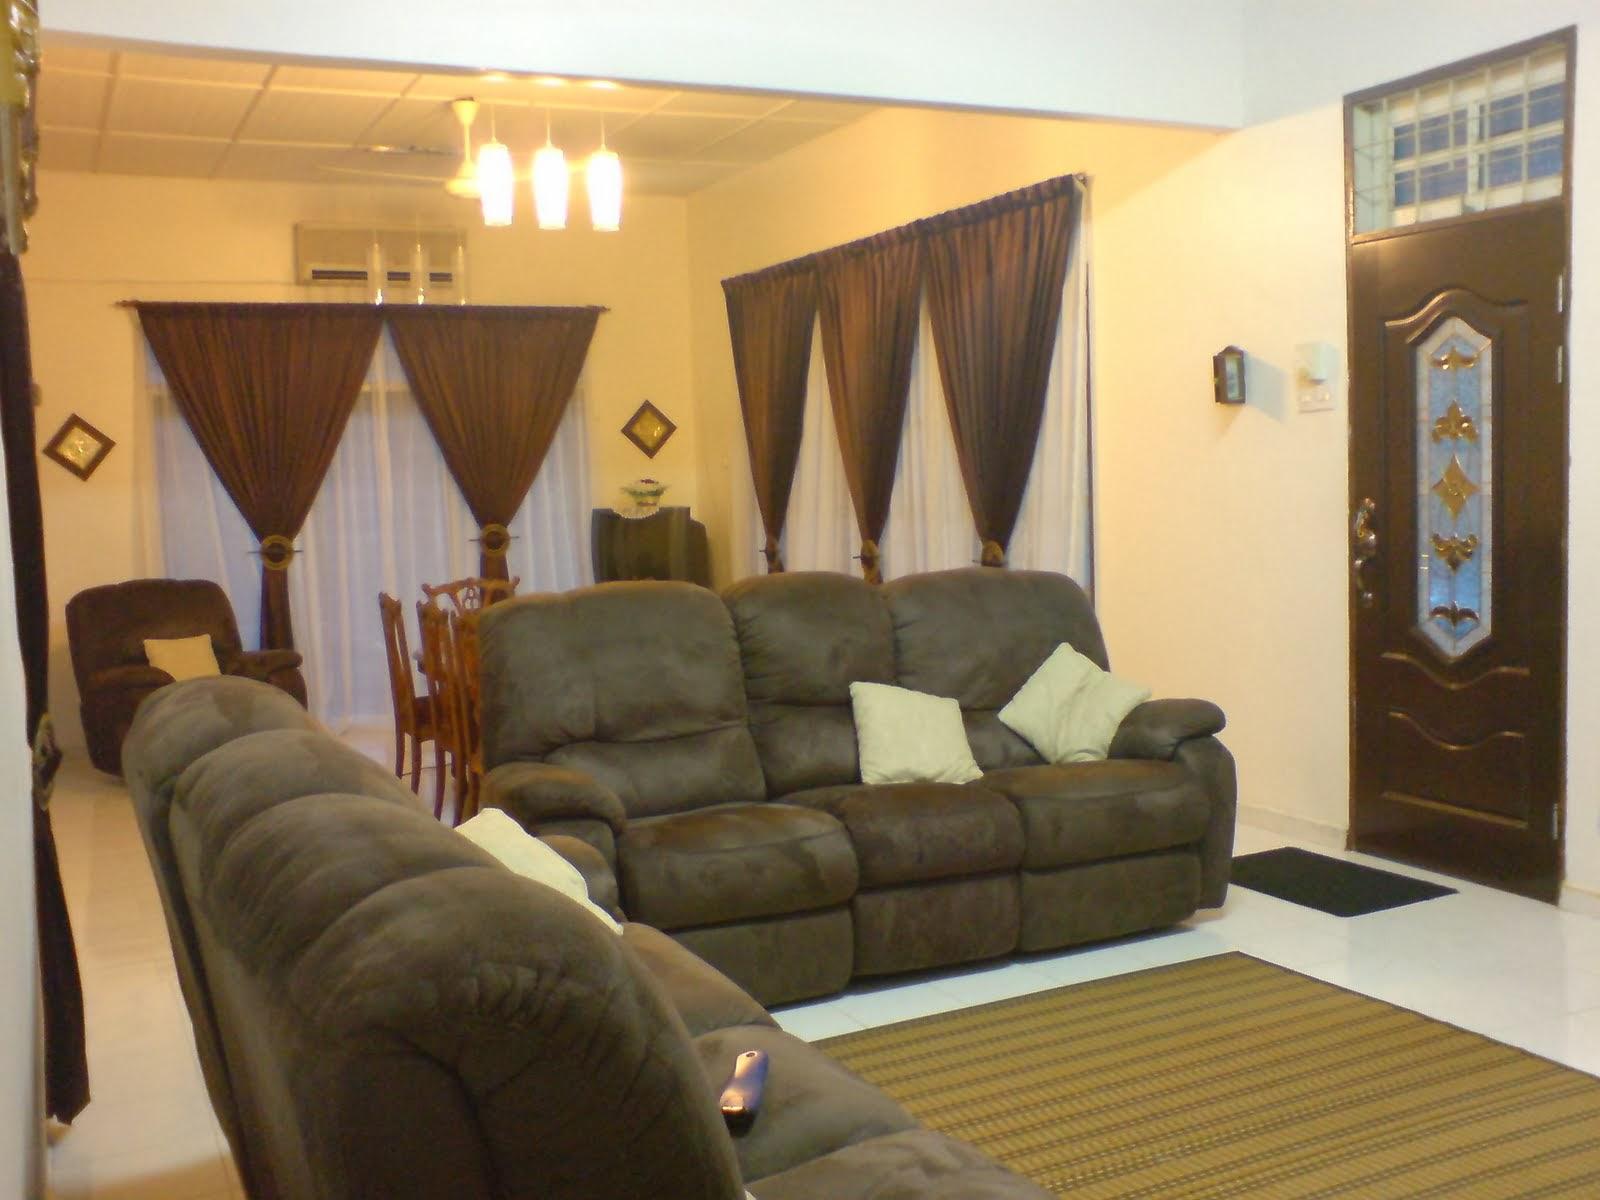 Jual Furniture Online Keren di Bandung